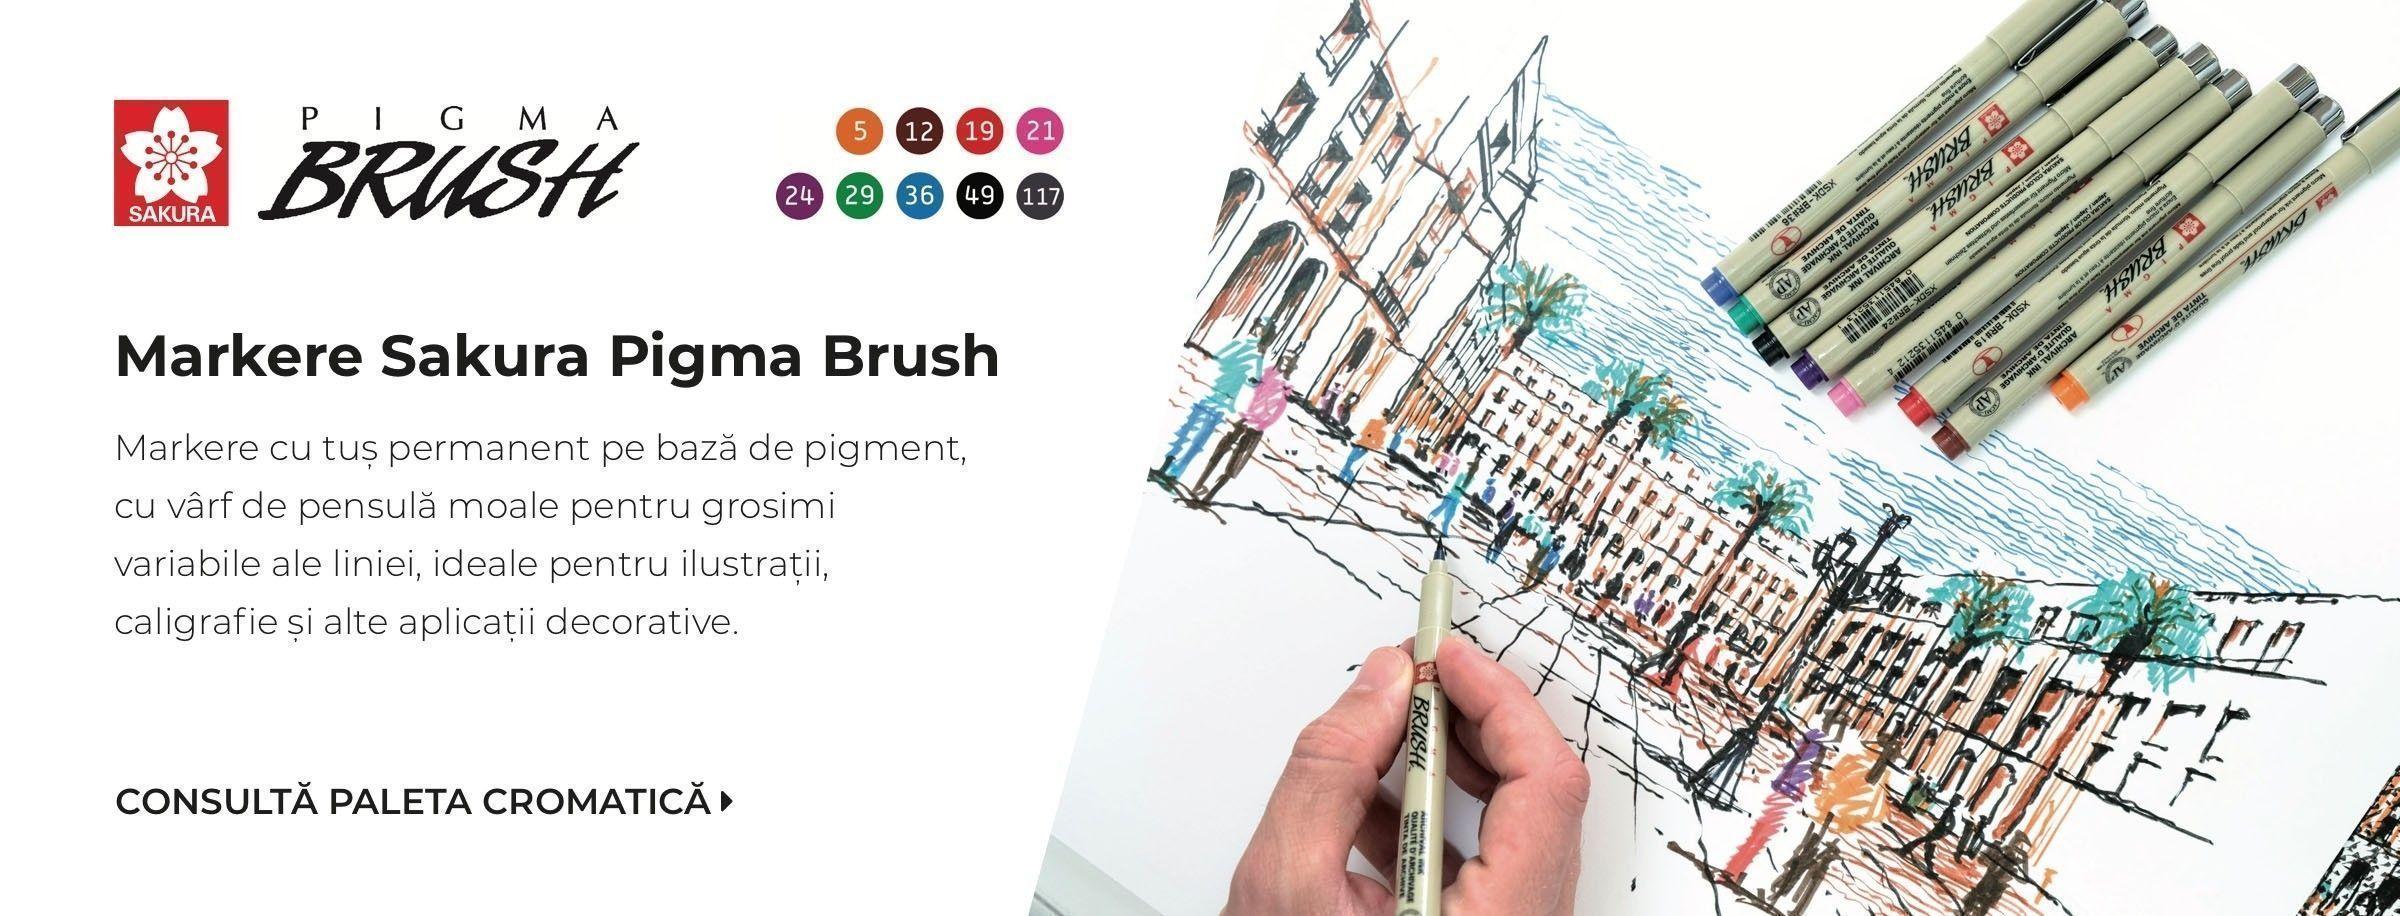 Carioci cu var de pensula Pigma Brush